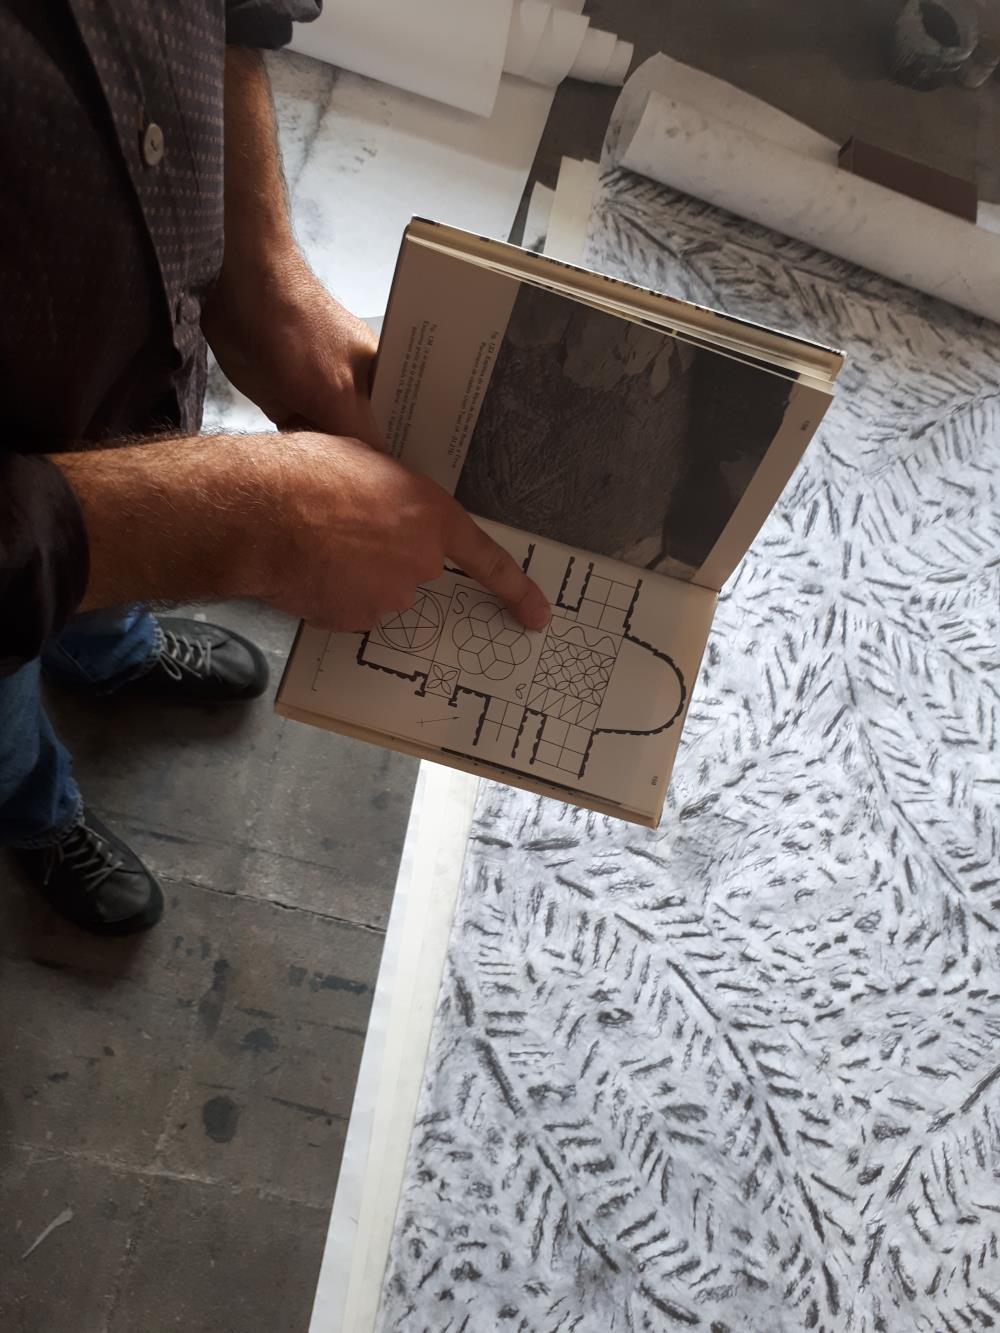 Imatges de l'artista treballant al seu estudi